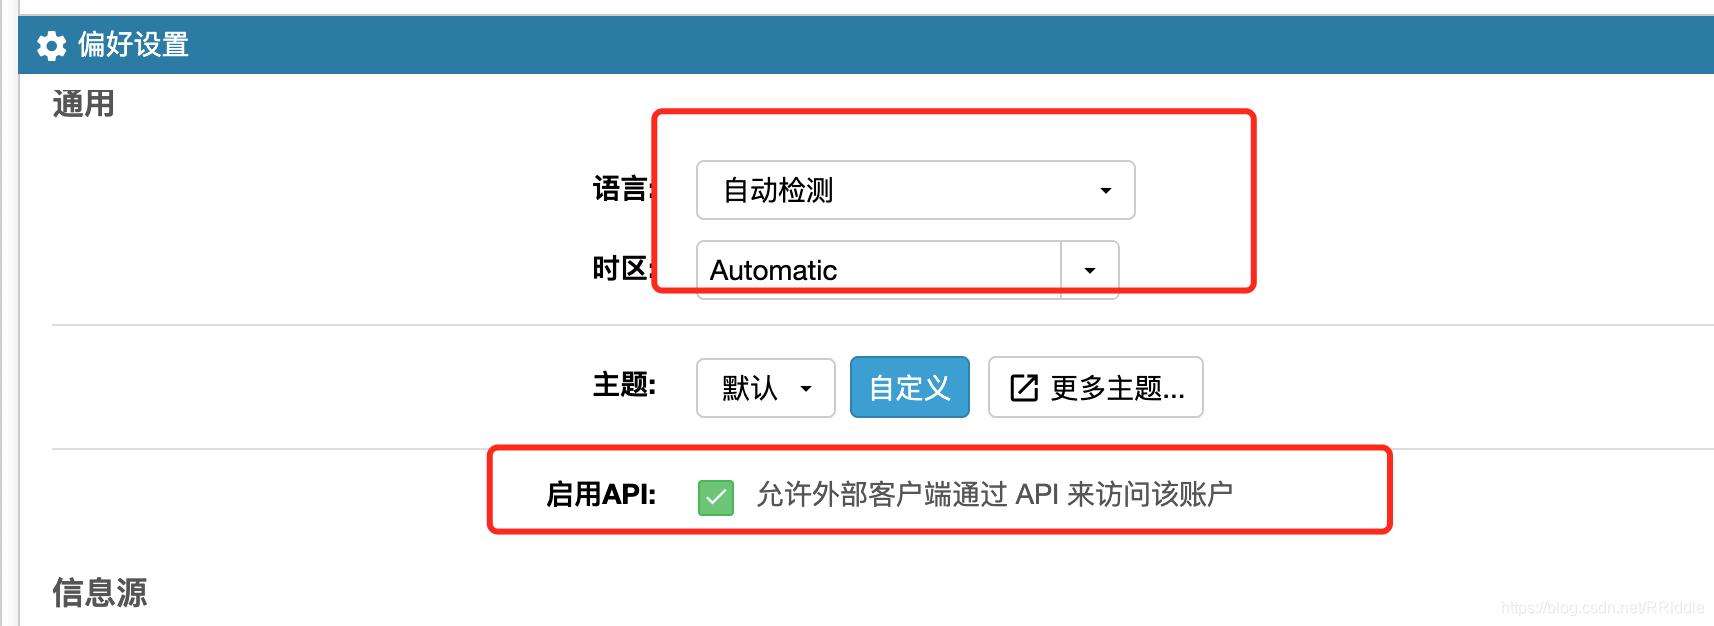 启用API